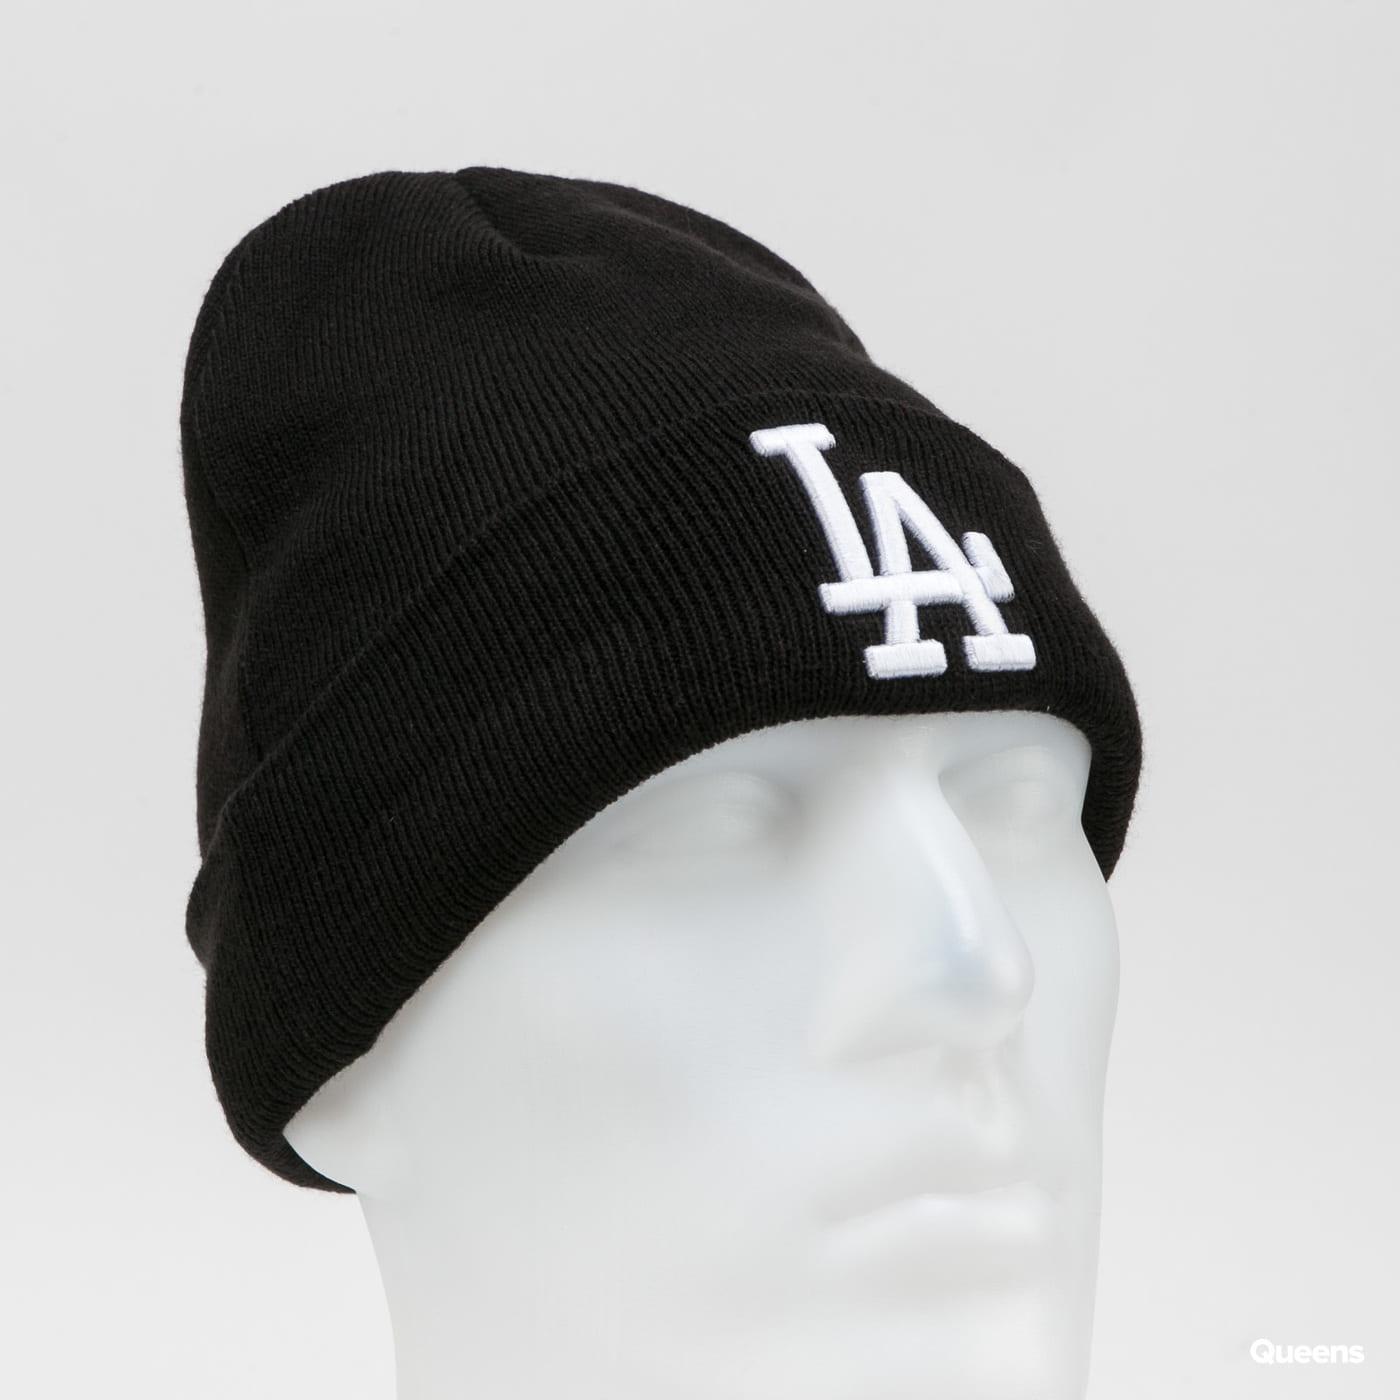 New Era MLB Essential Cuff Knit Beanie LA černý / bílý